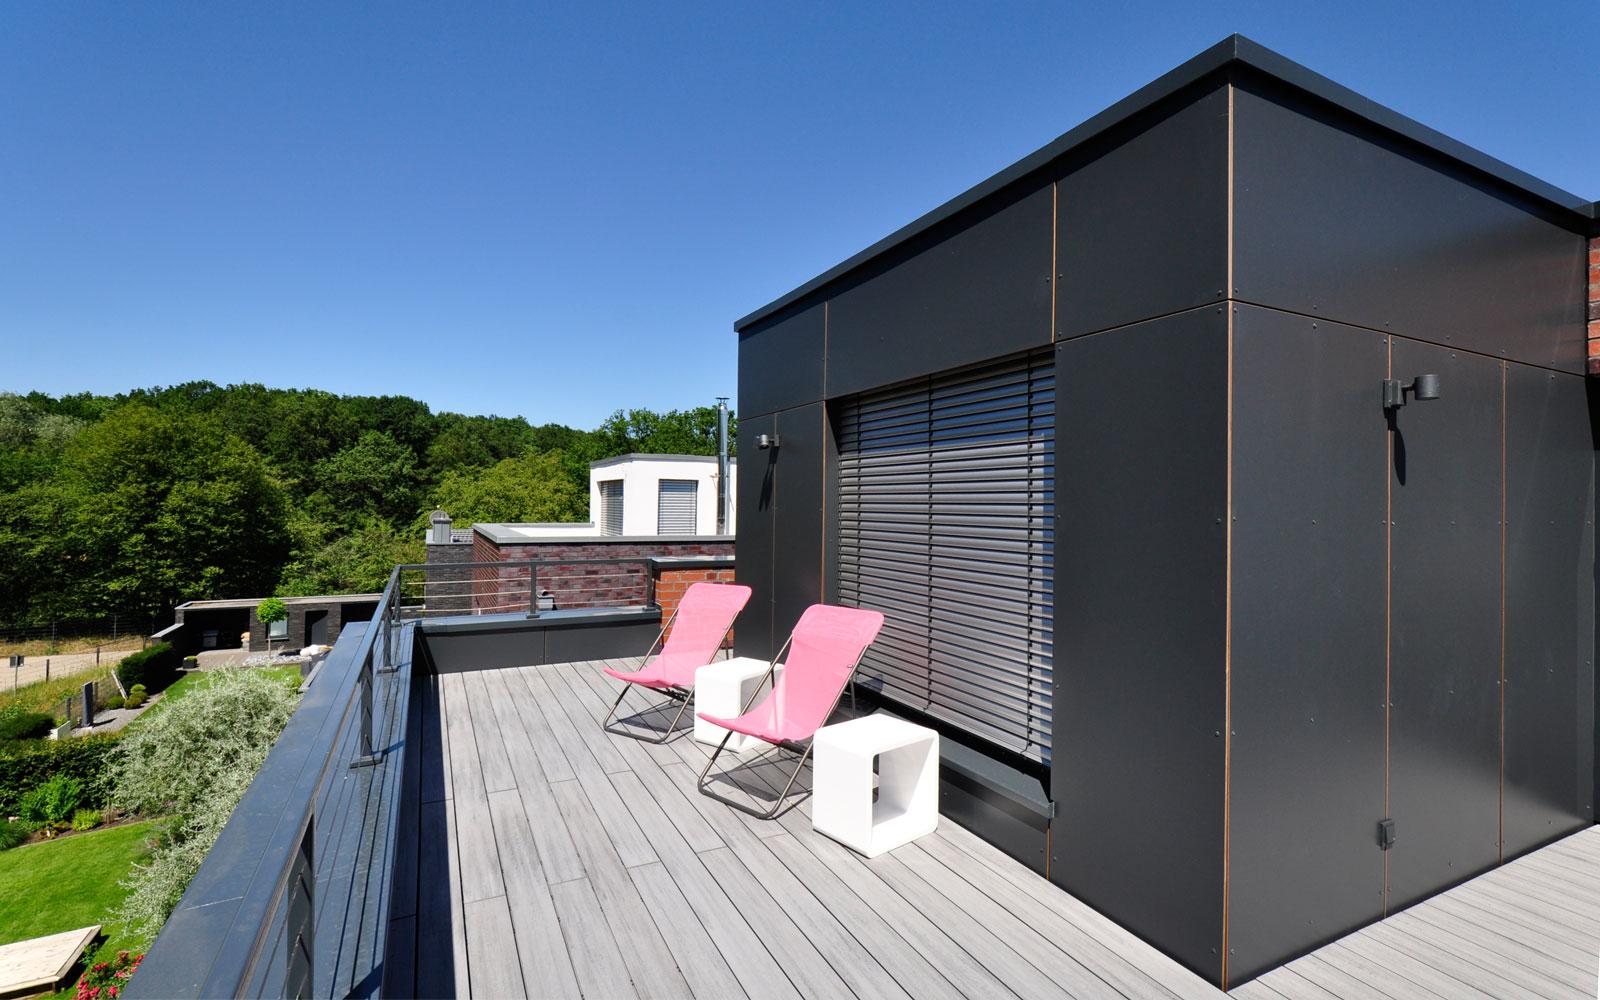 Einfamilienhaus Aufstockung Flachdach Dachterrasse